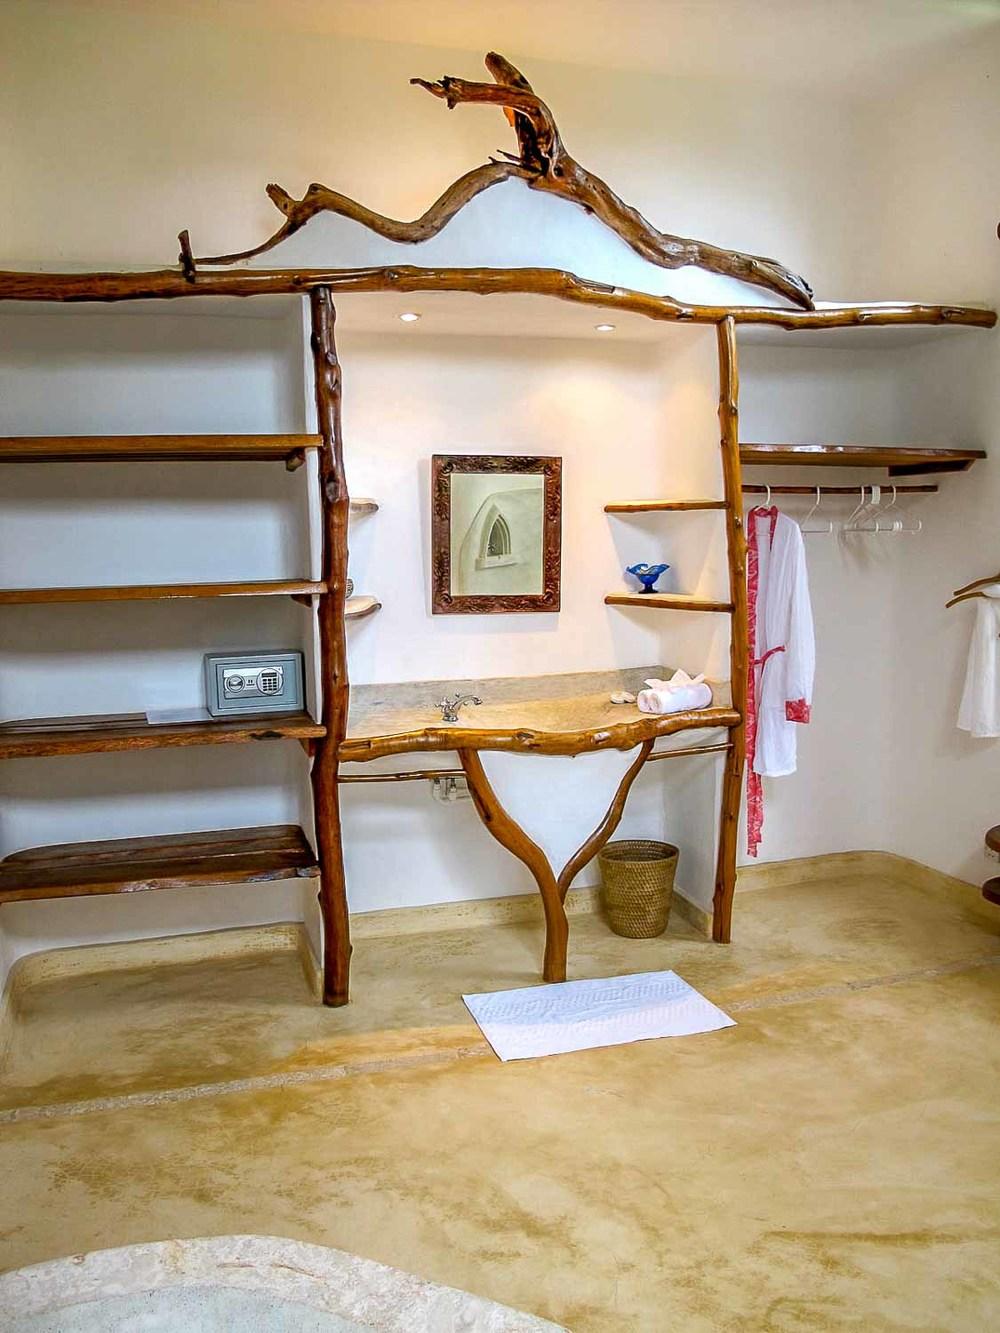 shwari-watamu-bedroom-matali-1520.jpg